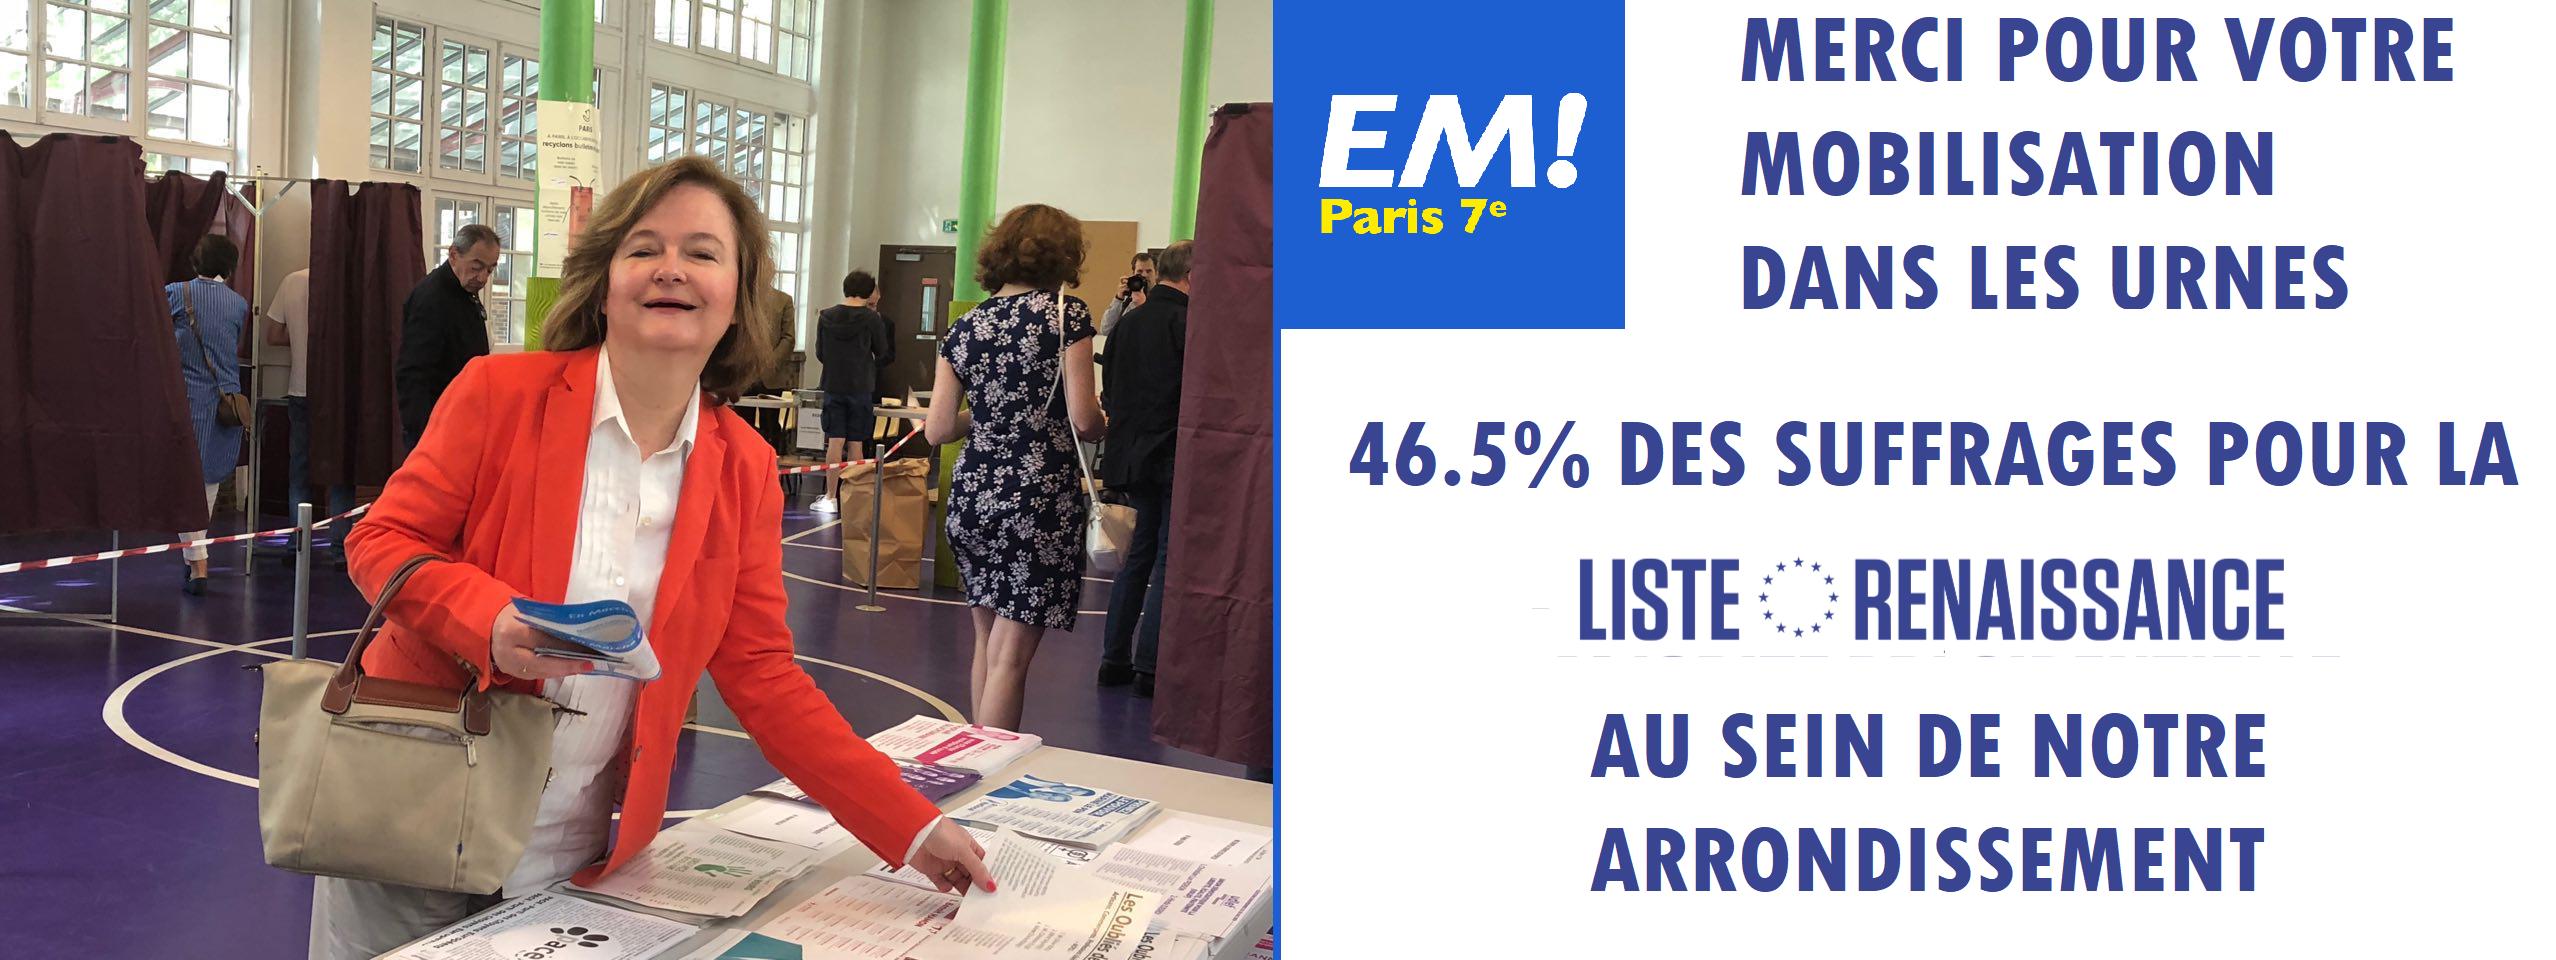 46.5% DES SUFFRAGES EXPRIMES POUR LA LISTE RENAISSANCE A PARIS 7ème